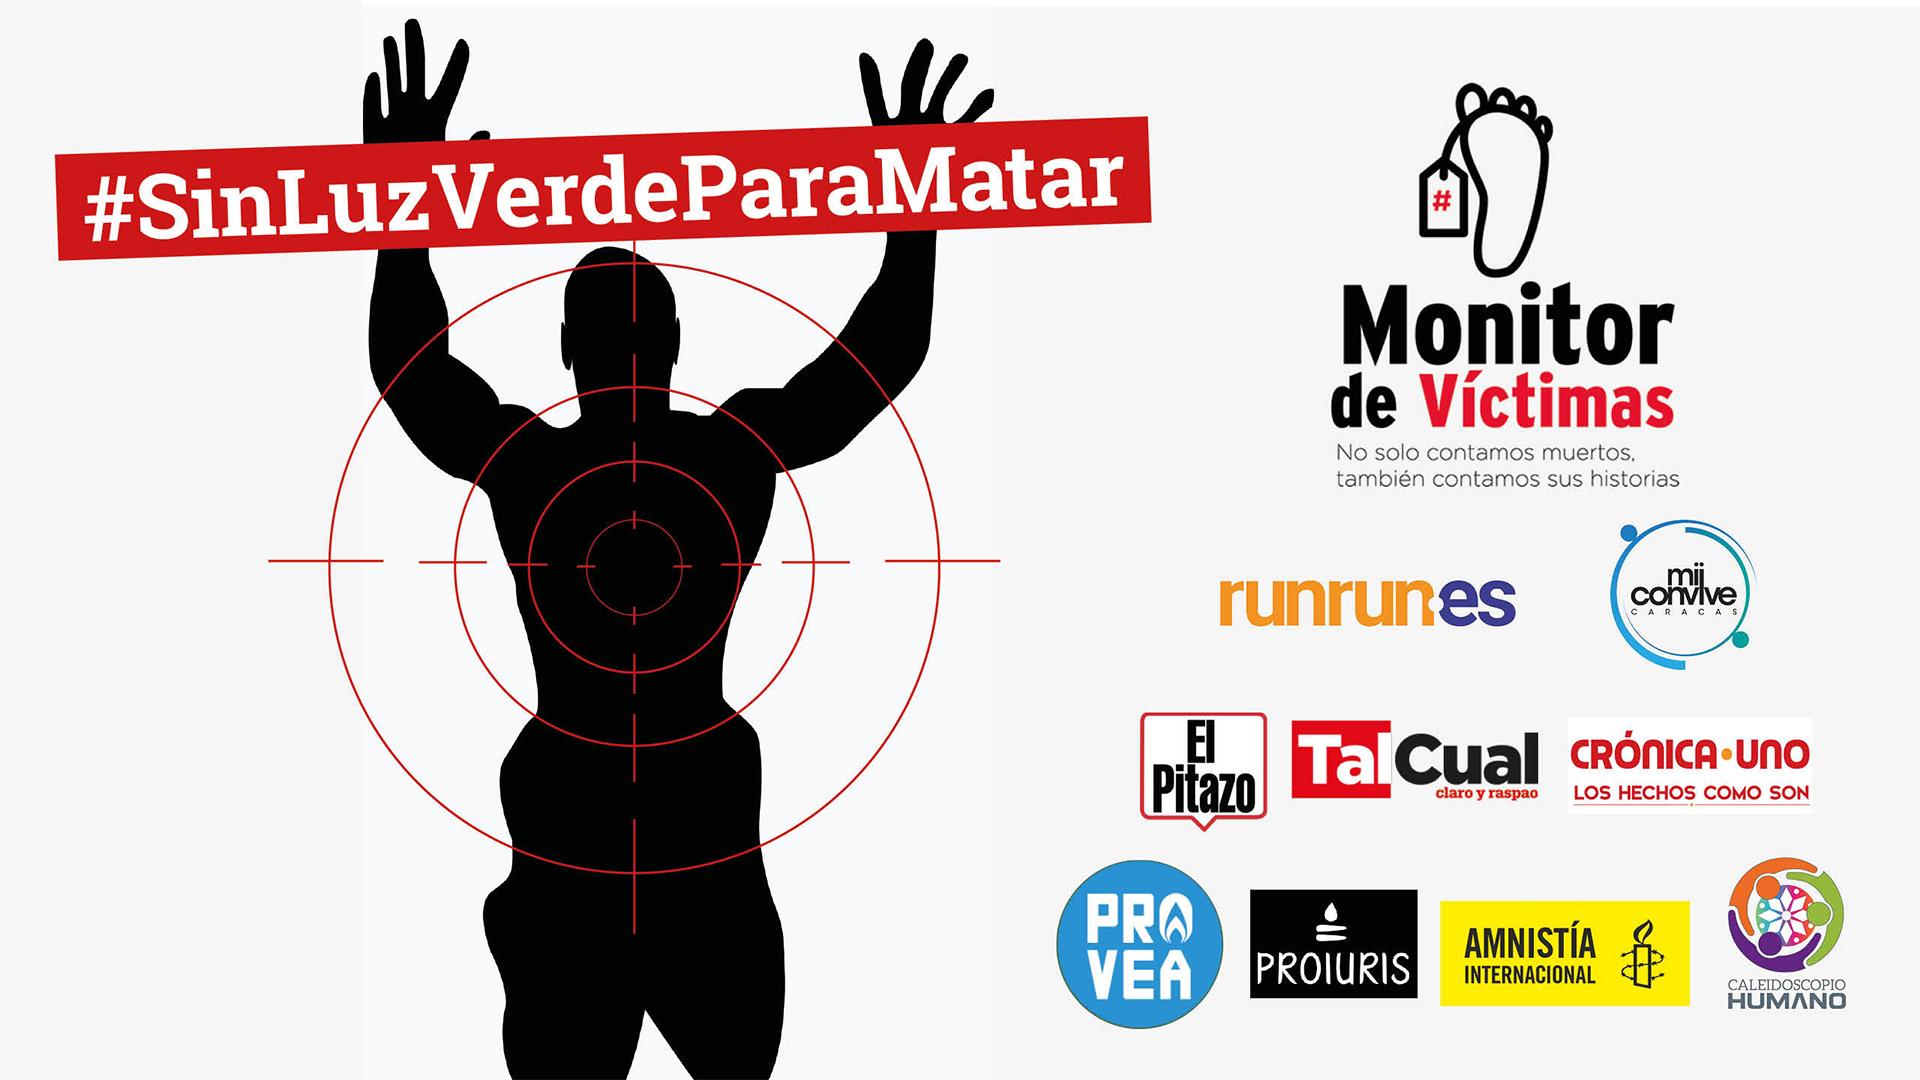 Monitor de Víctimas está en campaña... contra las ejecuciones extrajudiciales